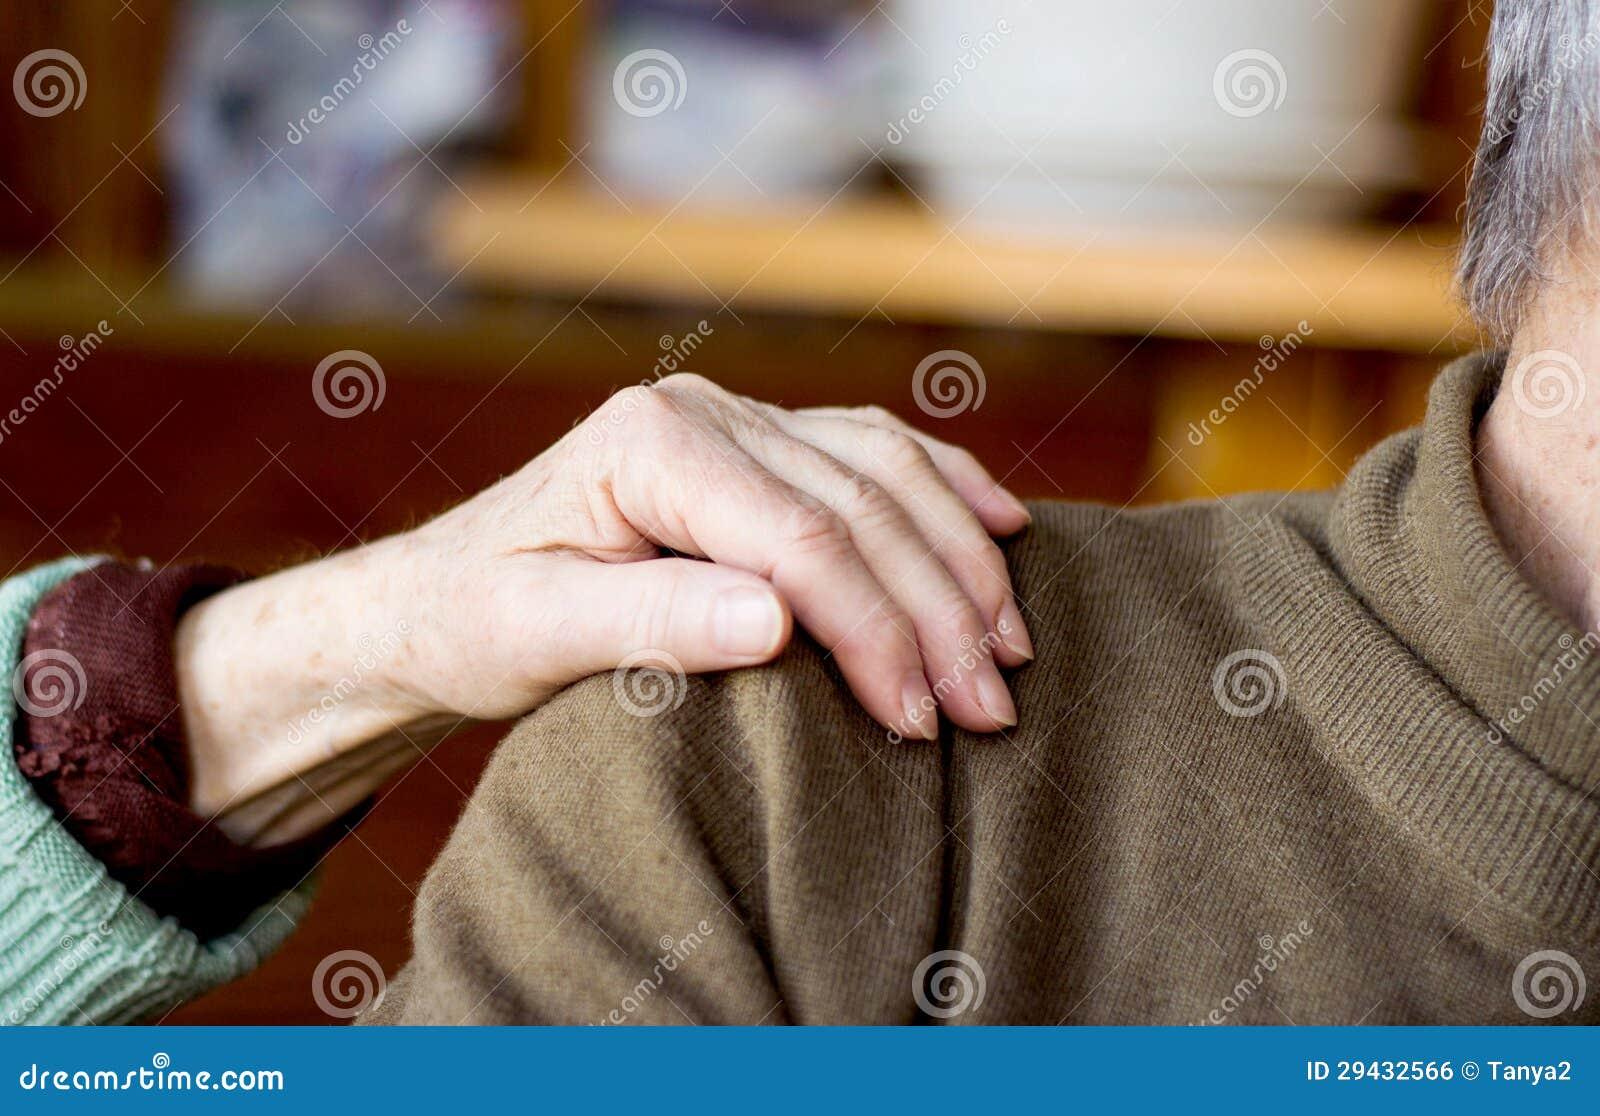 мужчина берет руку женщины в свои ладони можете